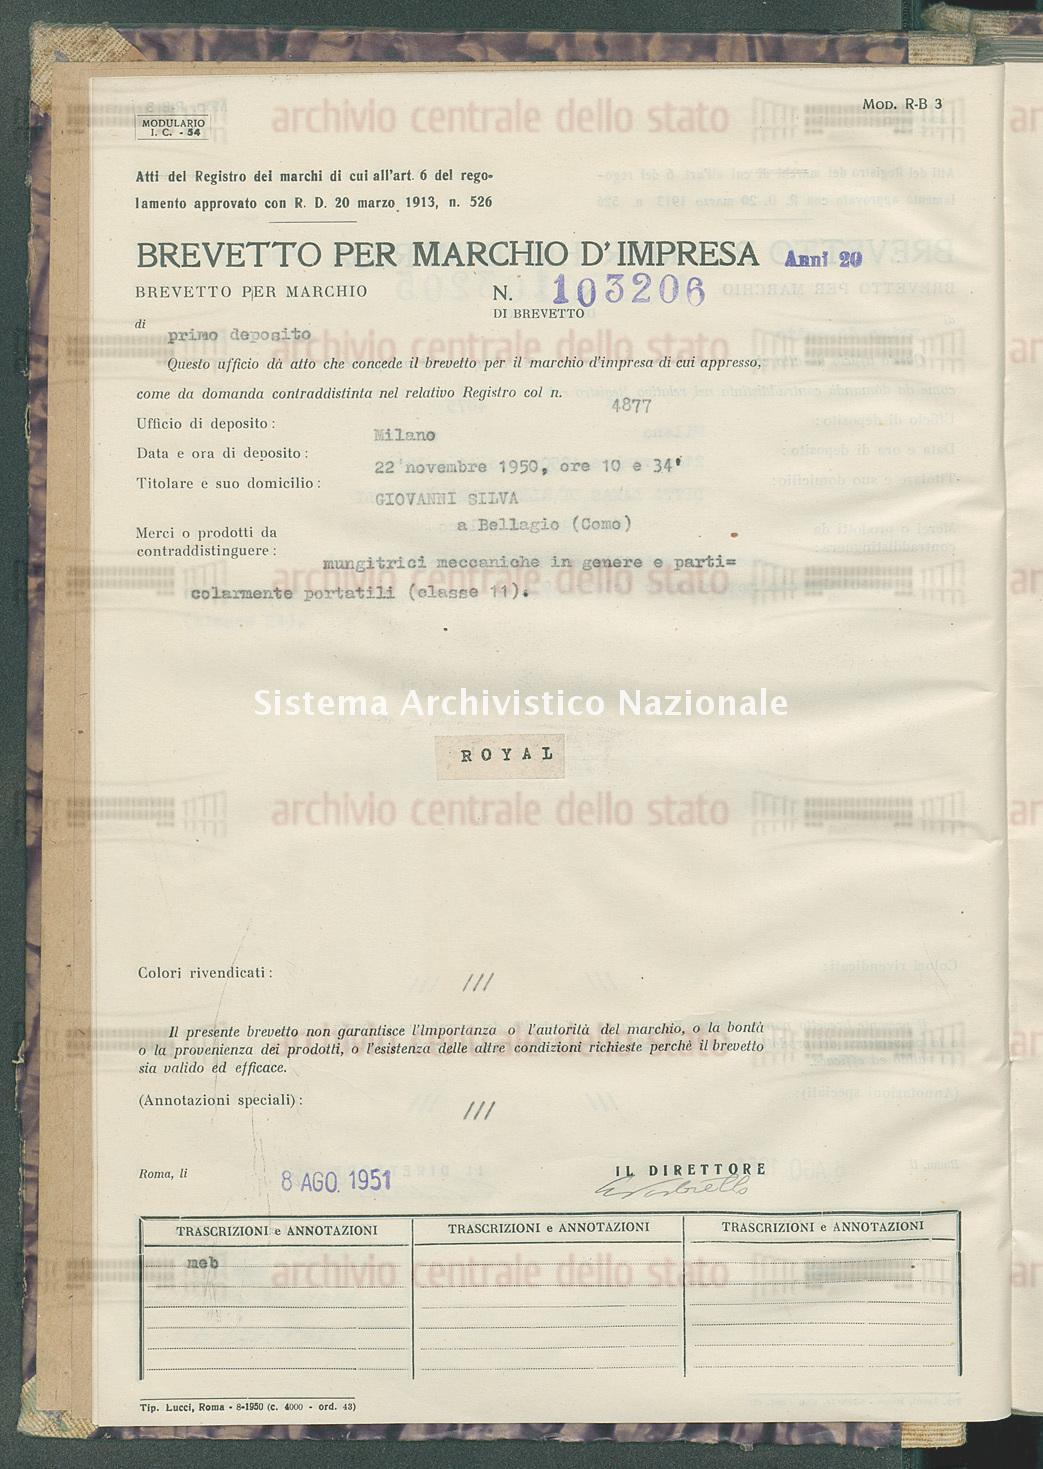 Mungitrici meccaniche in genere e particolarmente portatili Giovanni Silva (08/08/1951)